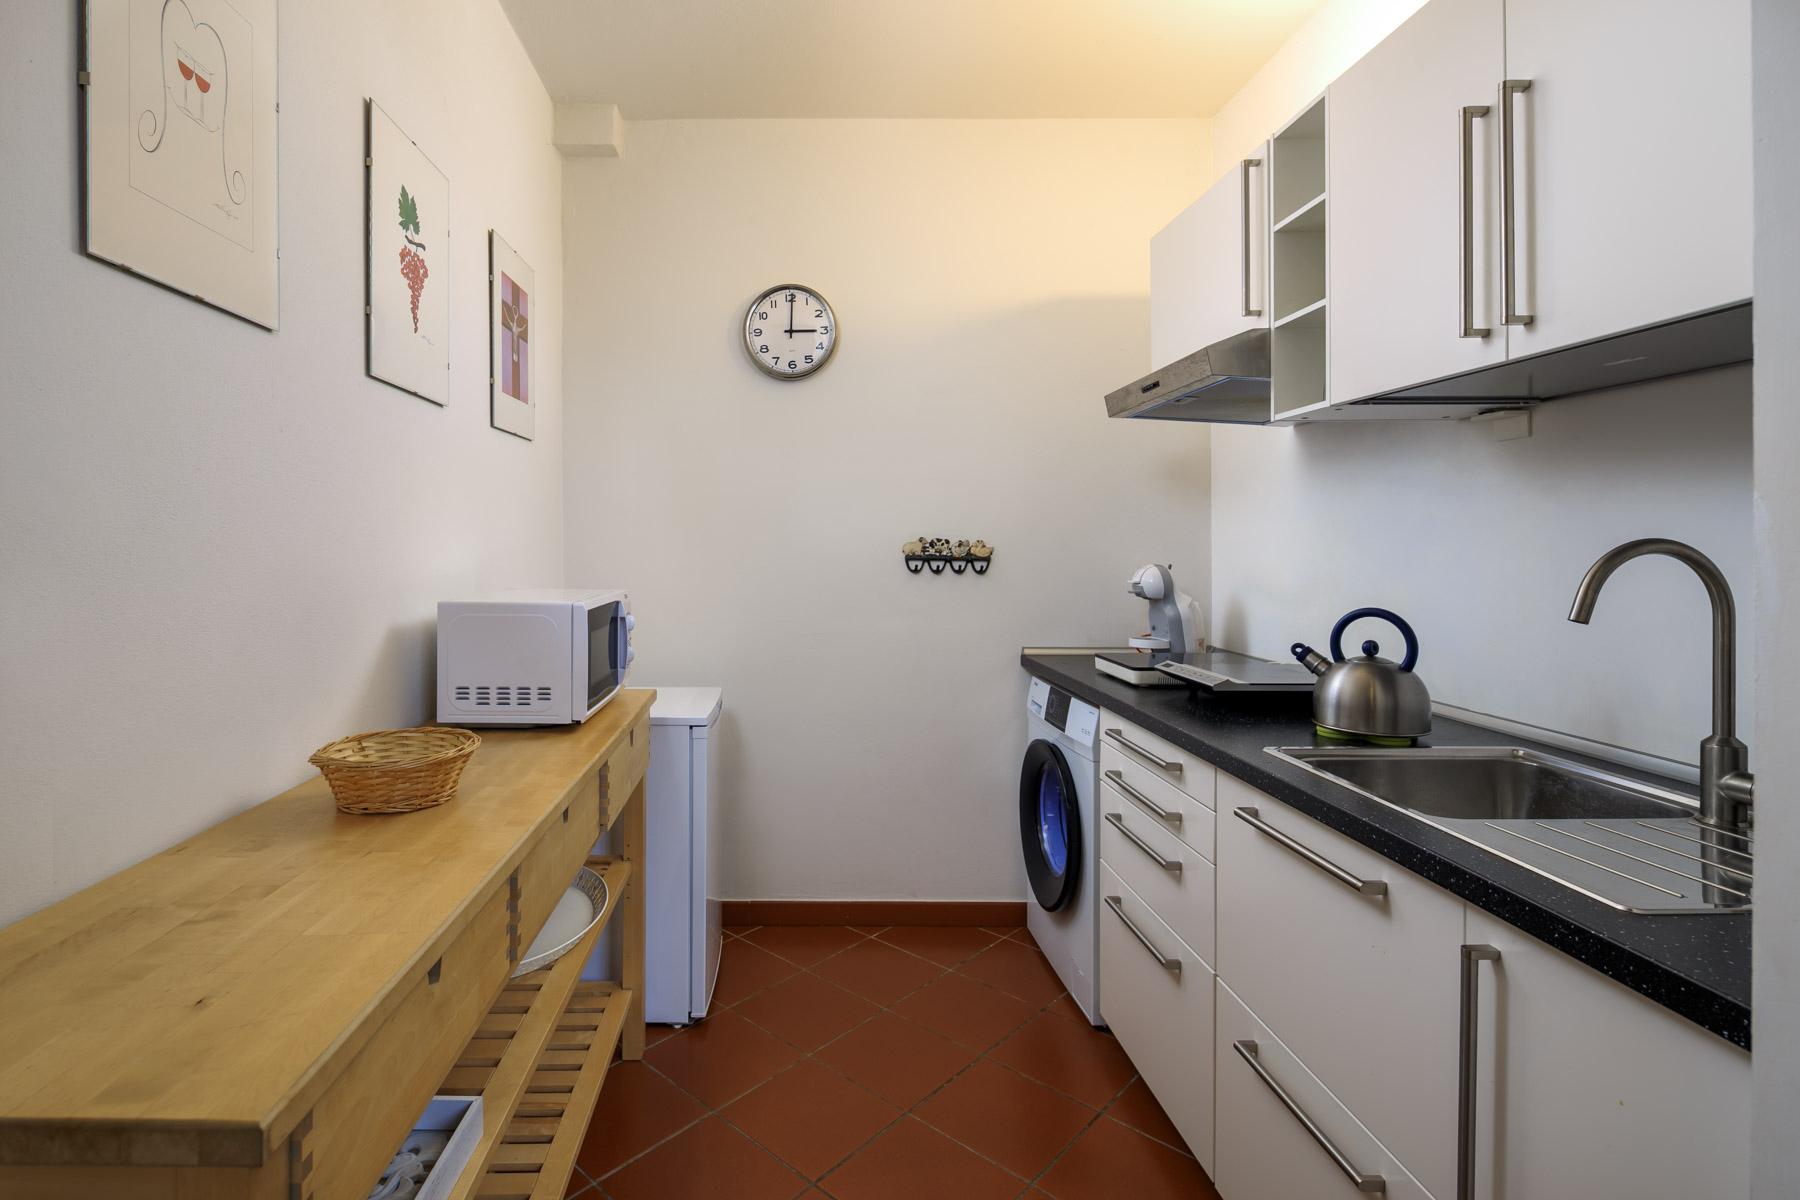 Appartamento in Vendita a Firenze: 4 locali, 149 mq - Foto 7